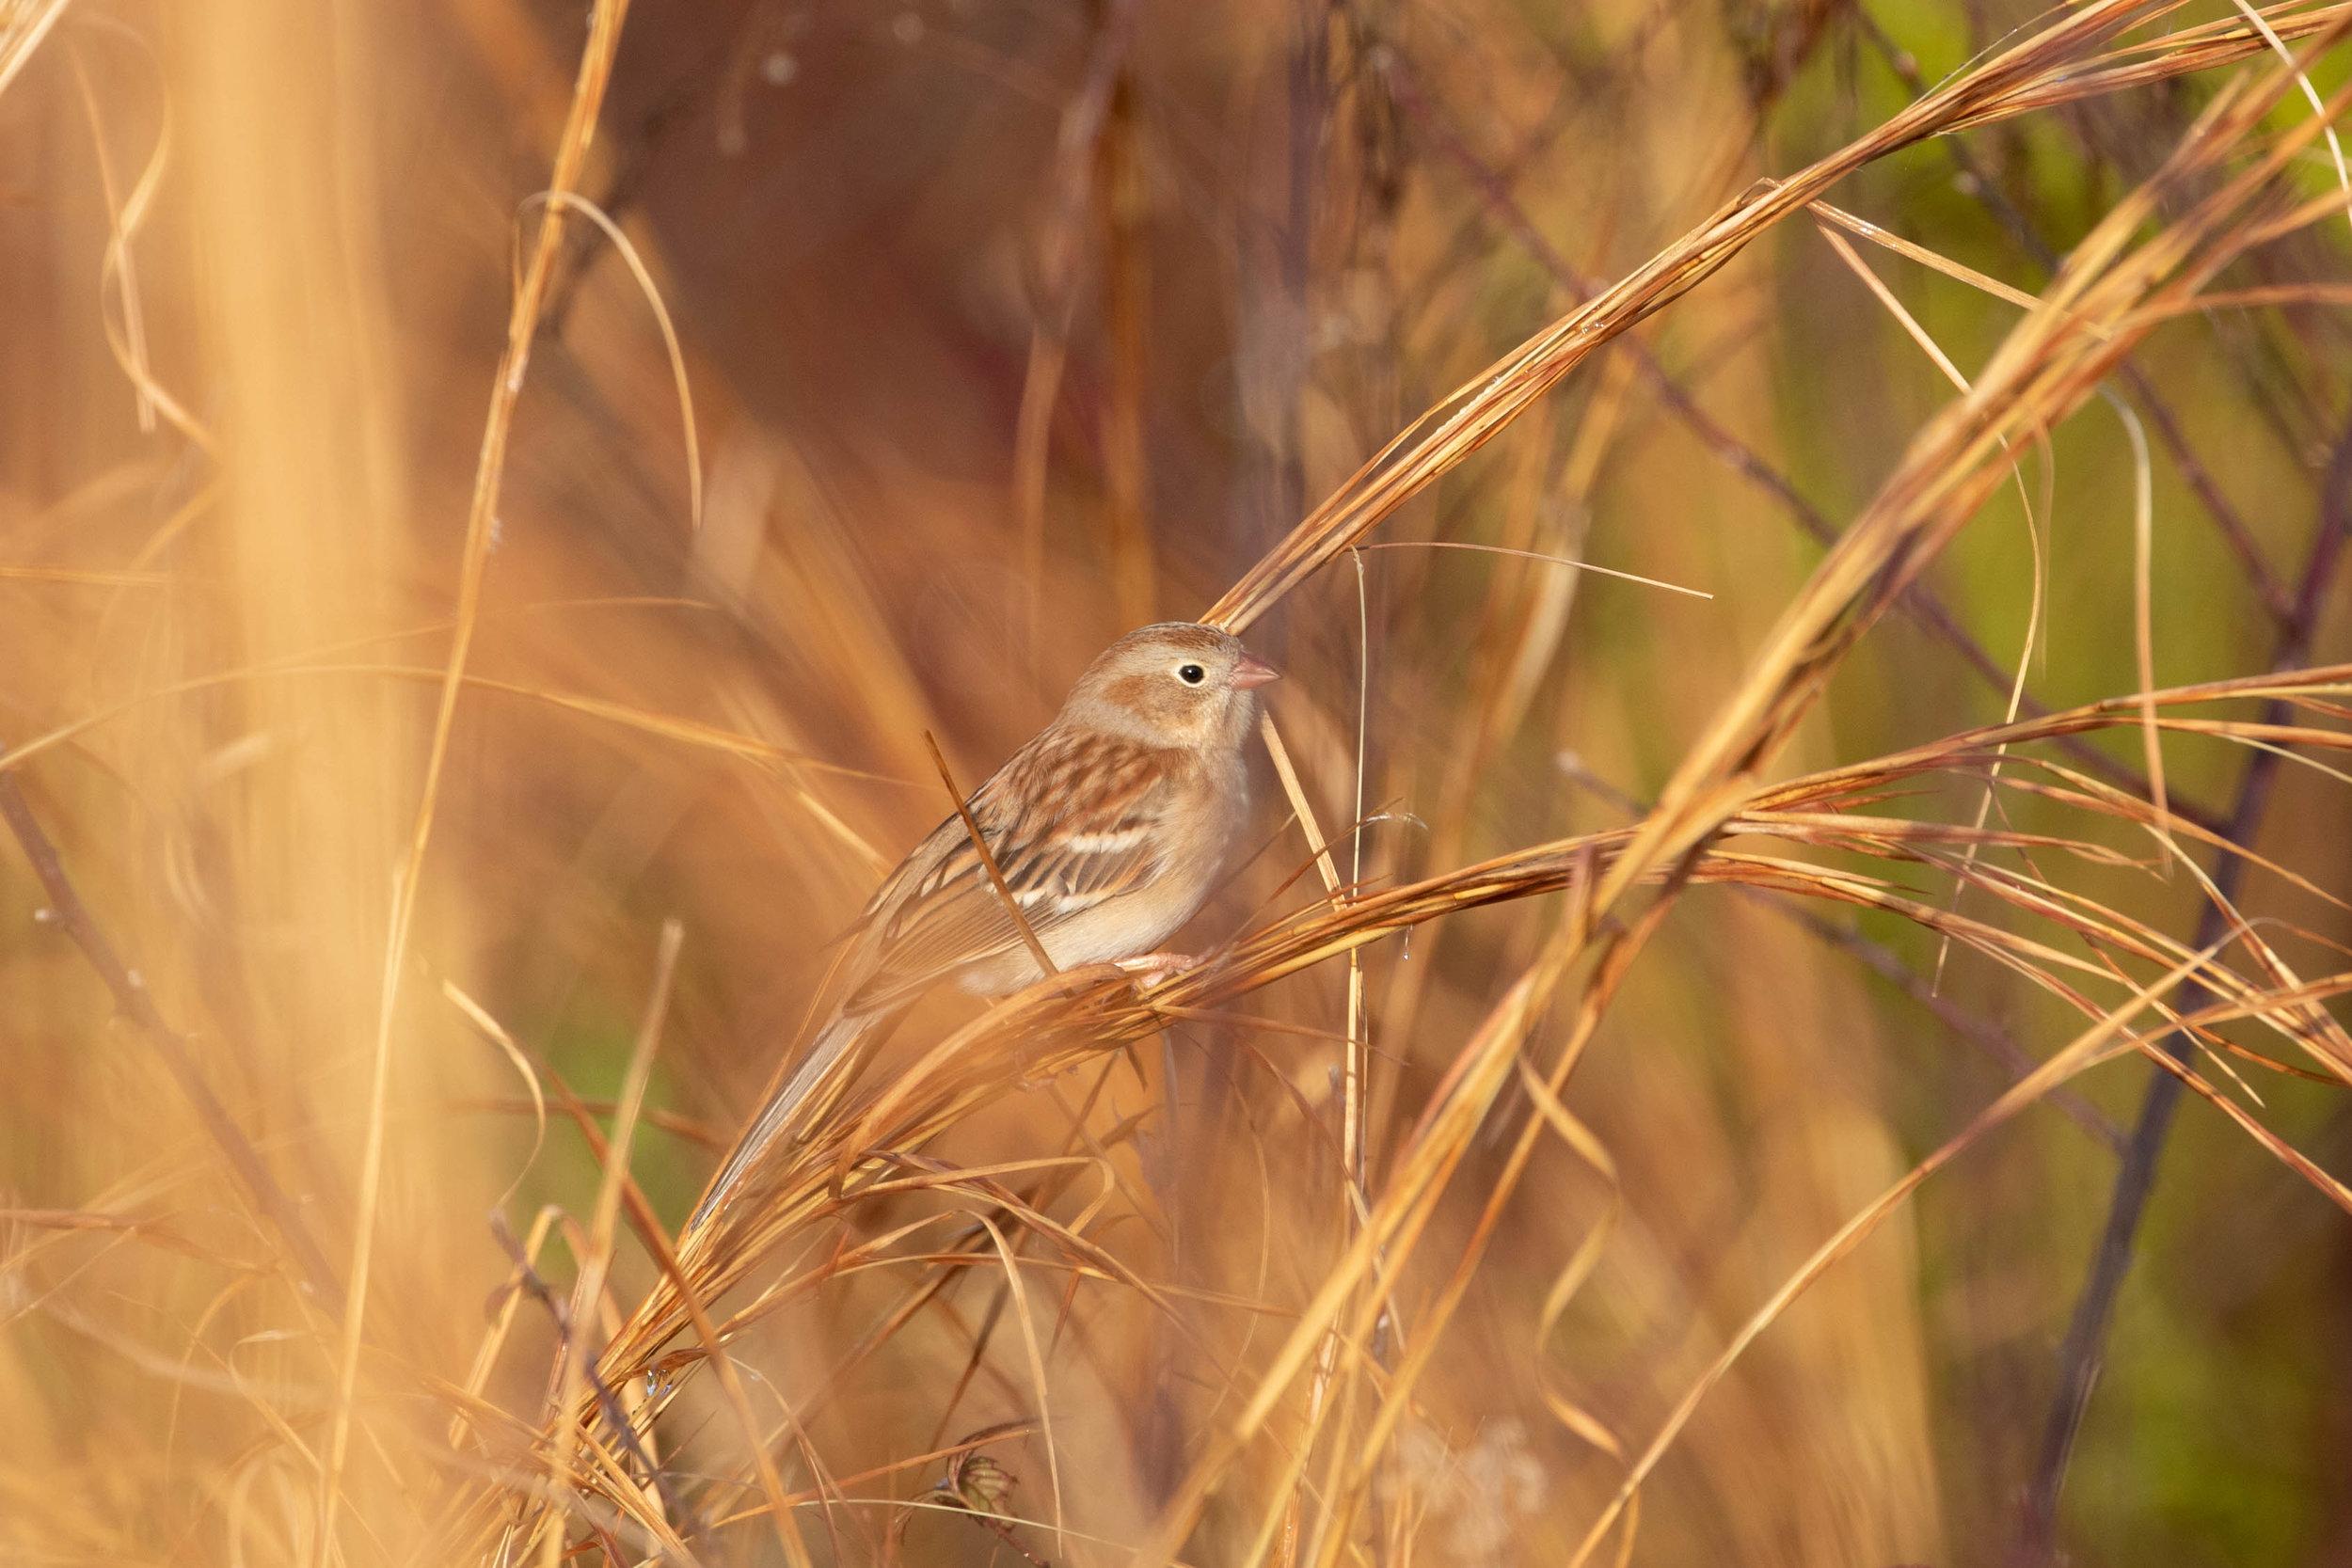 Field Sparrow, December 29, 2018